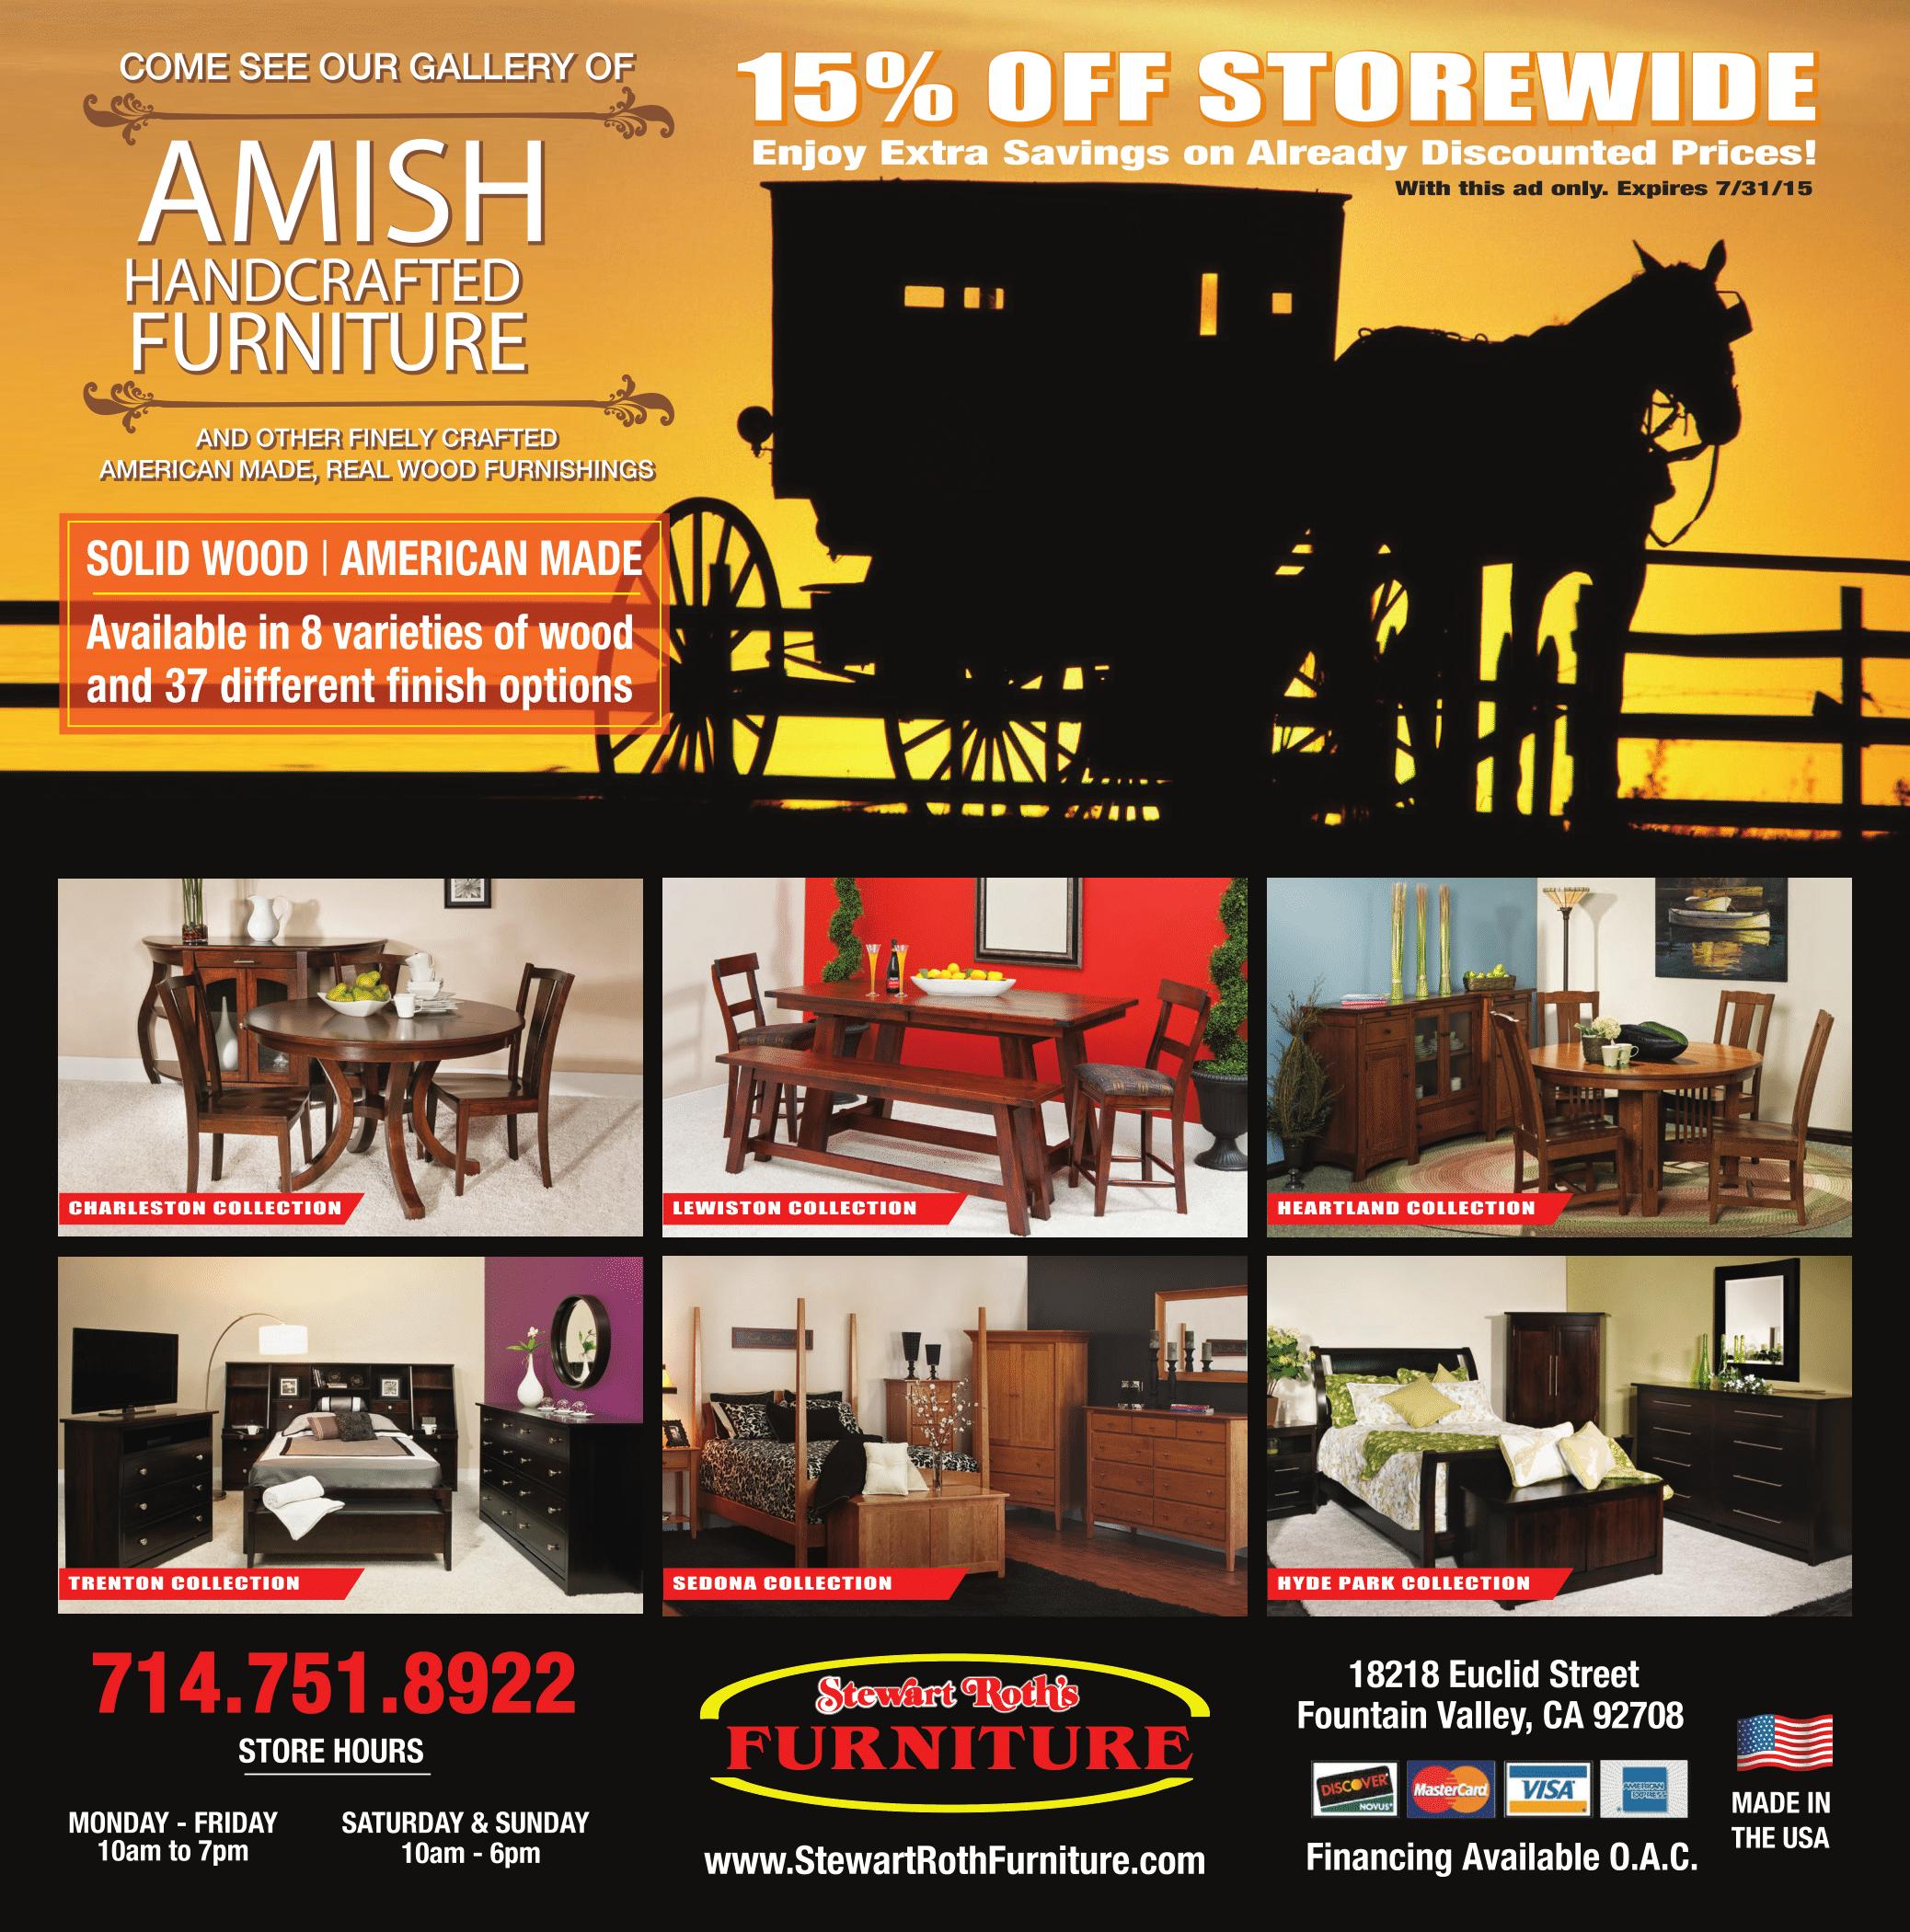 furniture sale ads. Amish Furniture Sale Furniture Sale Ads